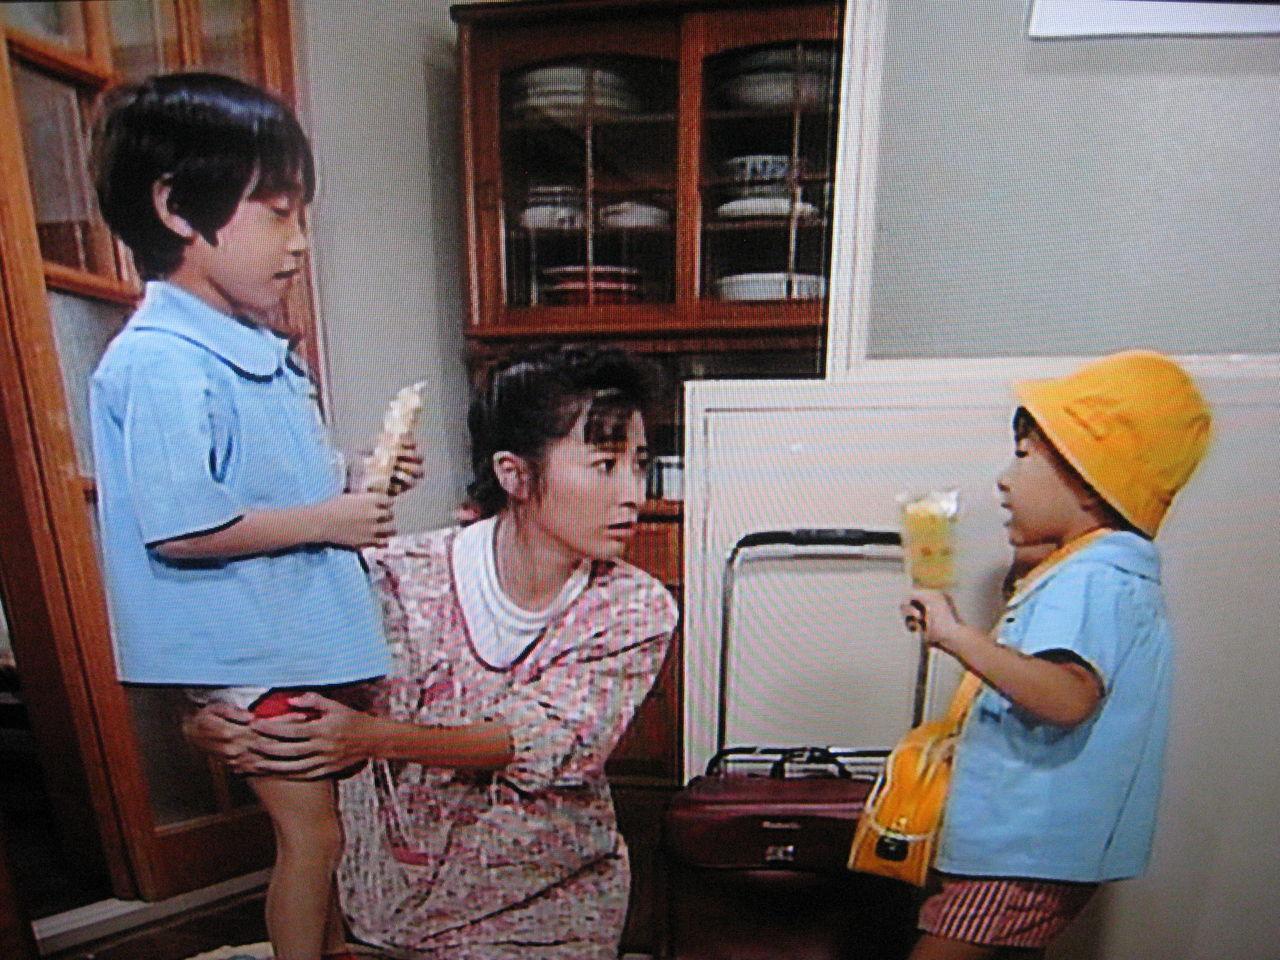 天までとどけ 右の子は、短いセリフなのに何度も噛んでた(笑)それを最後まで見守る岡江さんは、お母さんらしくて自然体だった。  本当の家族みたいにみんな息が合ってて、演技を感じ ...